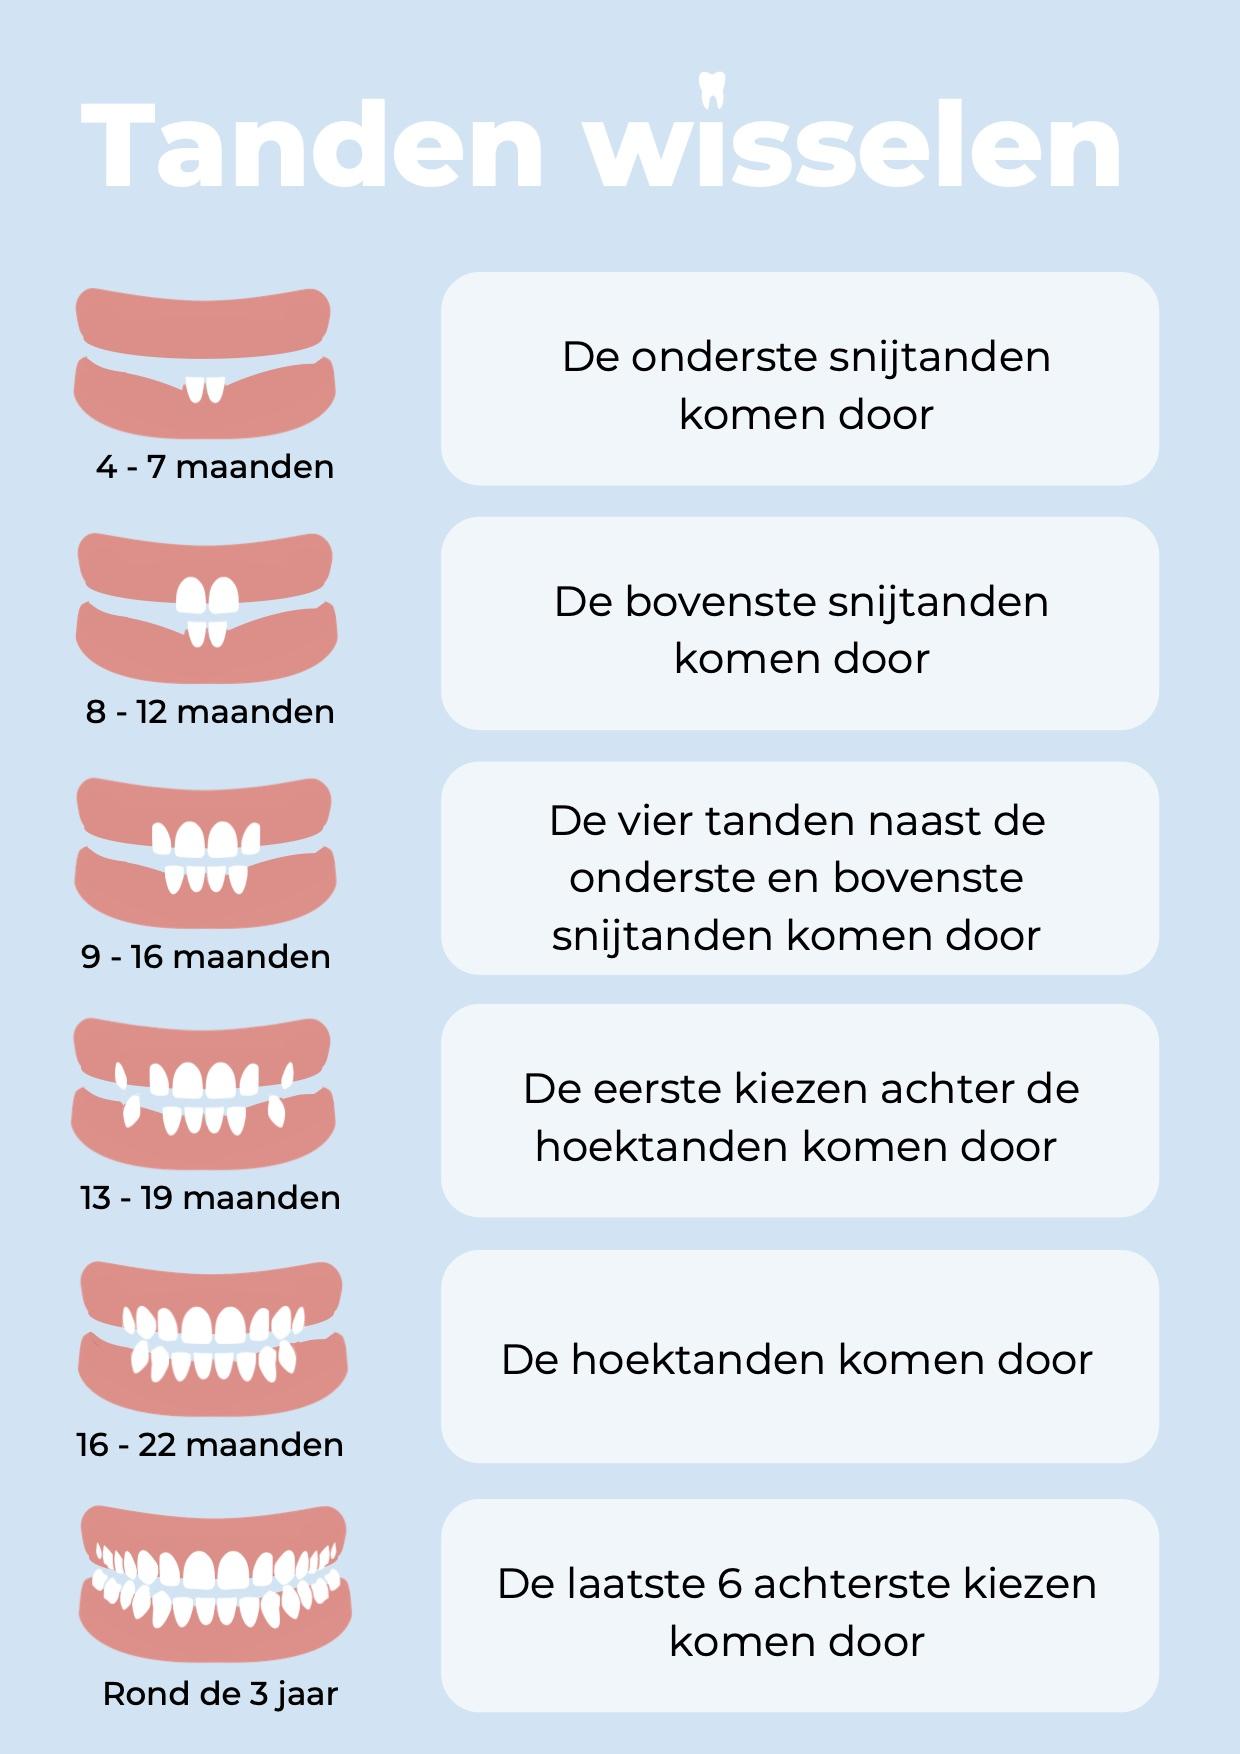 wanneer komen de eerste tanden?